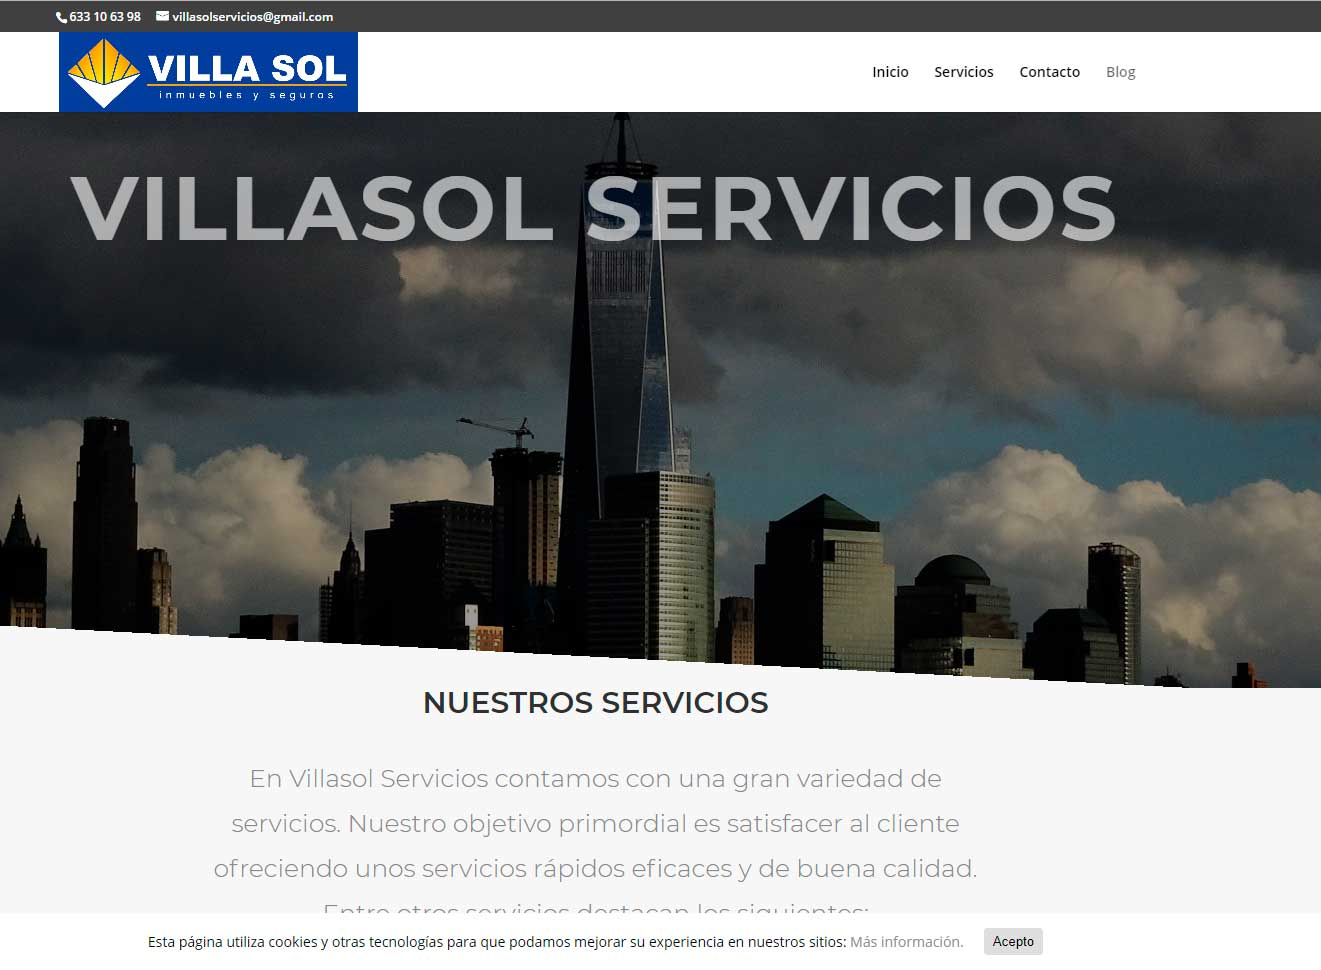 VillaSol Servicios